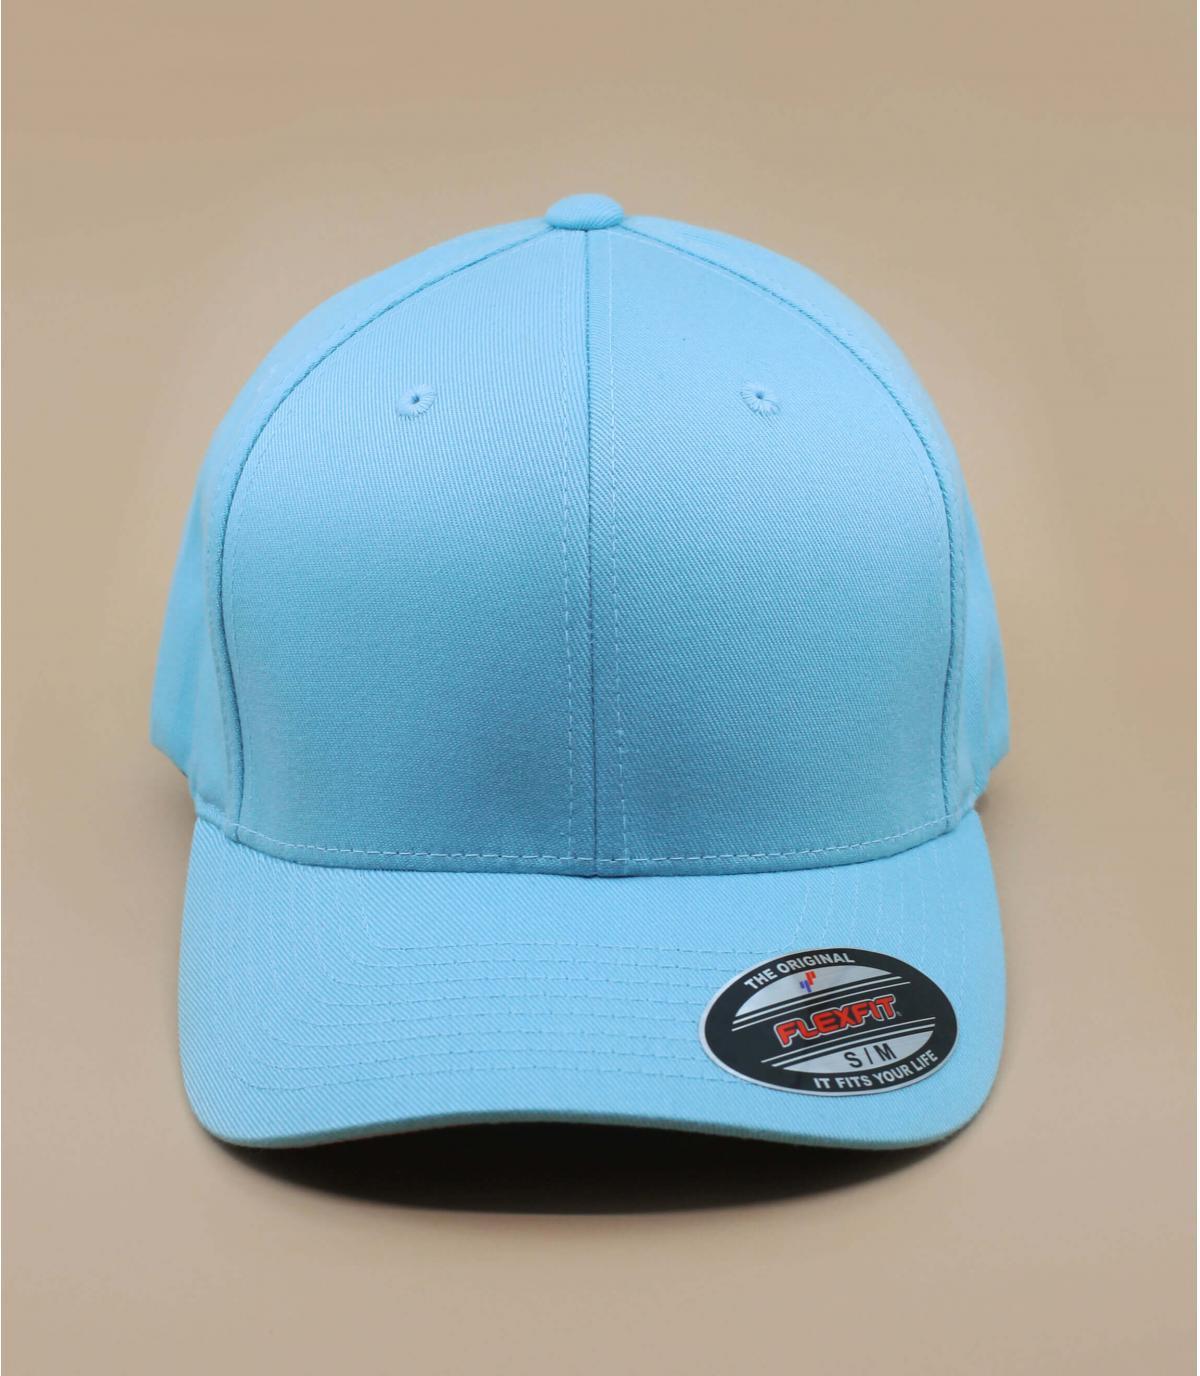 Flexfit cap blue